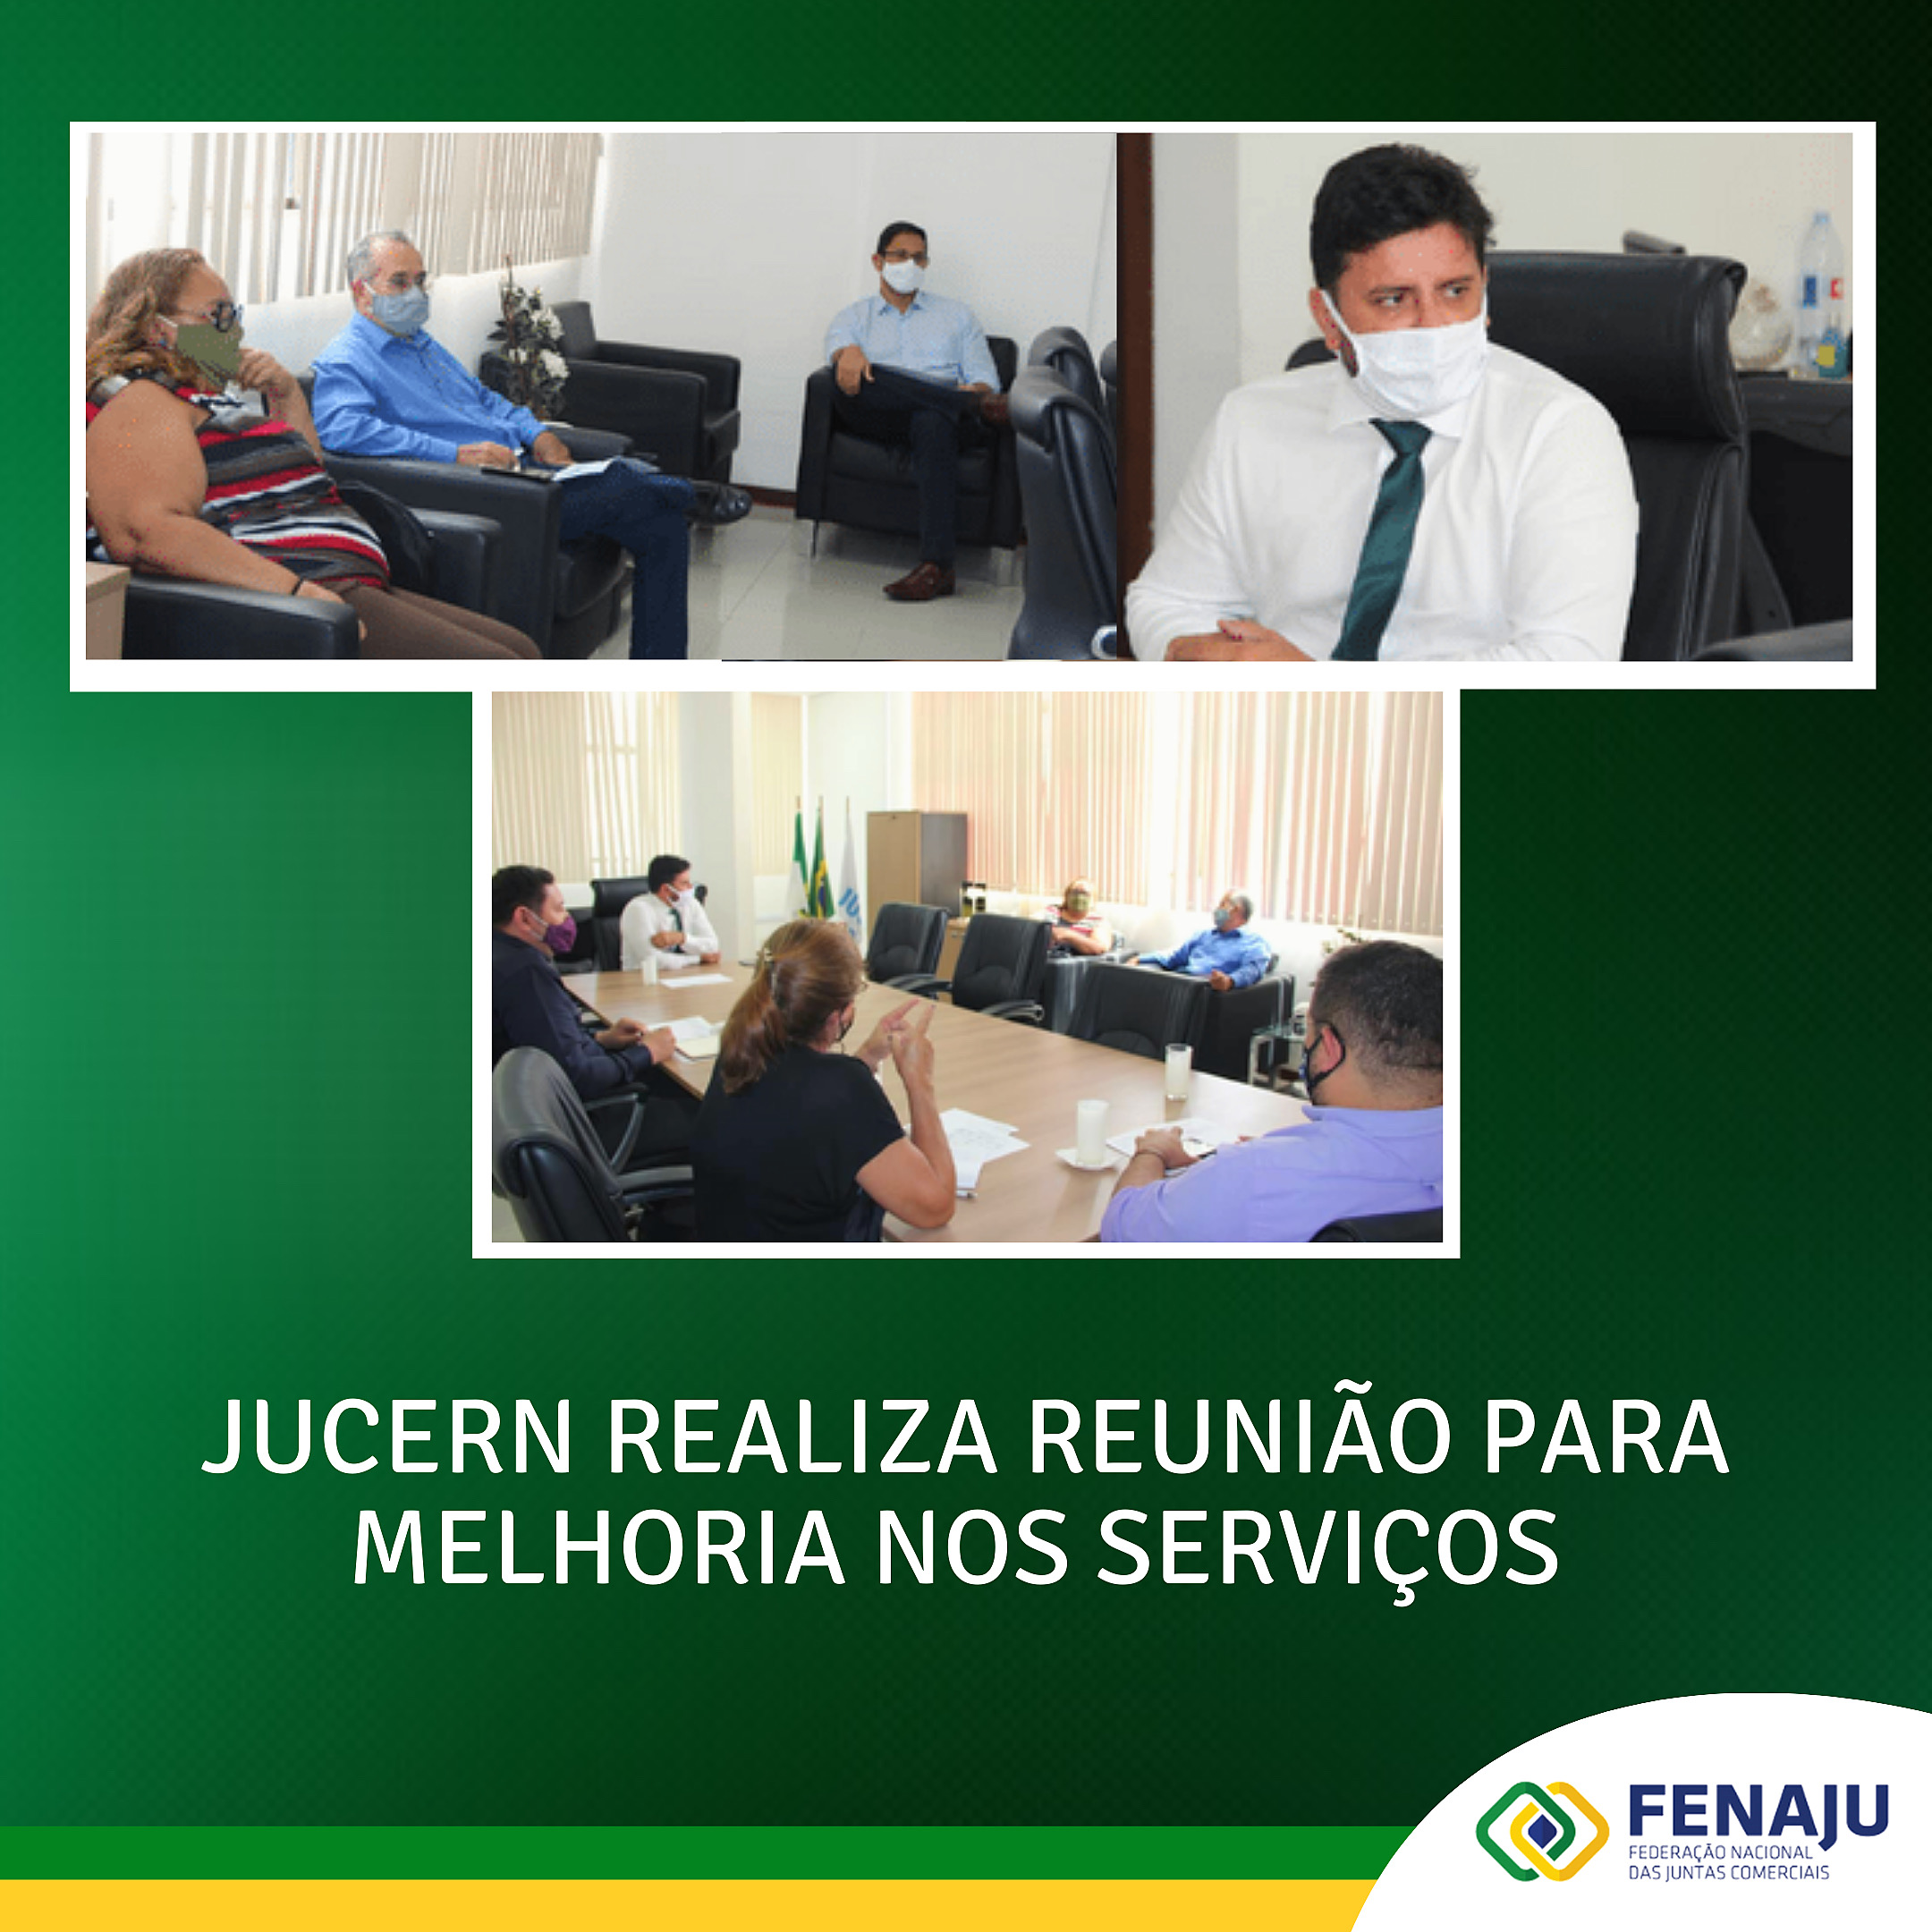 JUCERN realiza reunião para melhoria nos serviços